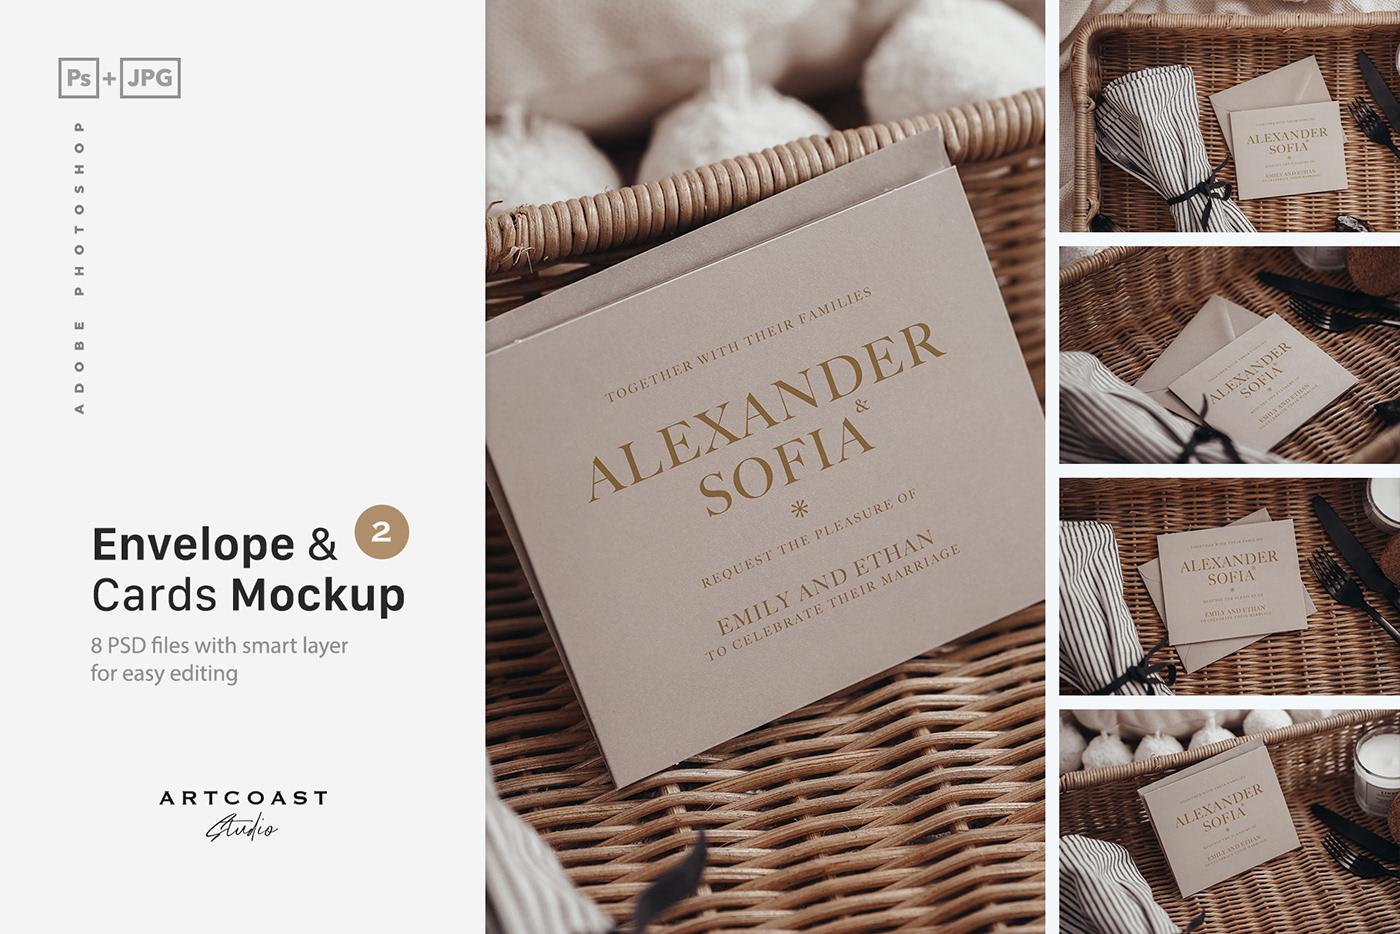 bogo mockup boho cards mockup envelope holiday card Mockup Photography  photoshop wedding invitation wedding mockup